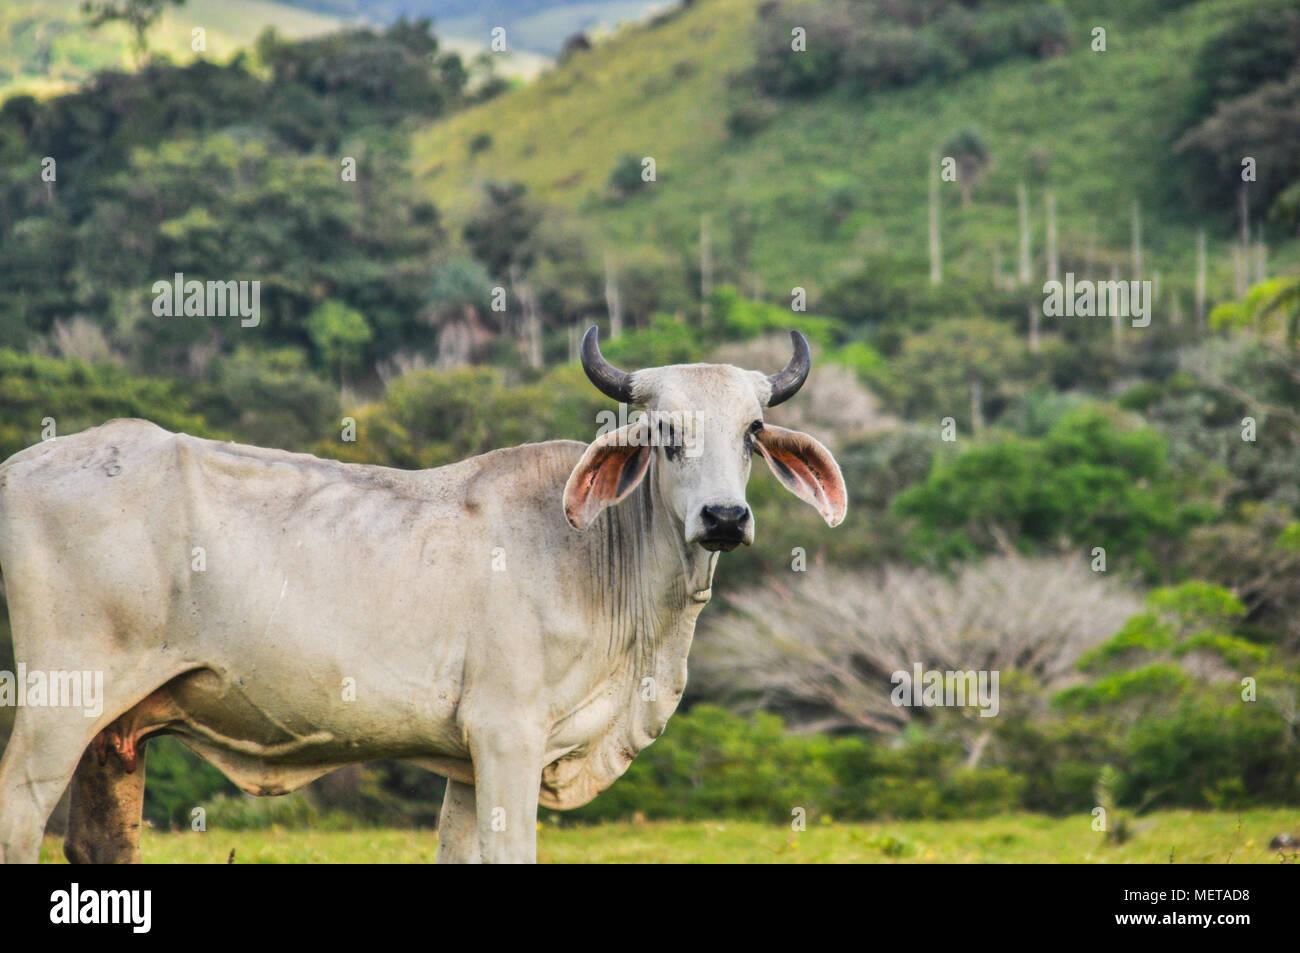 Happy Cow Wohnen im Grünen von Costa Rica und Blick in die Kamera Stockbild